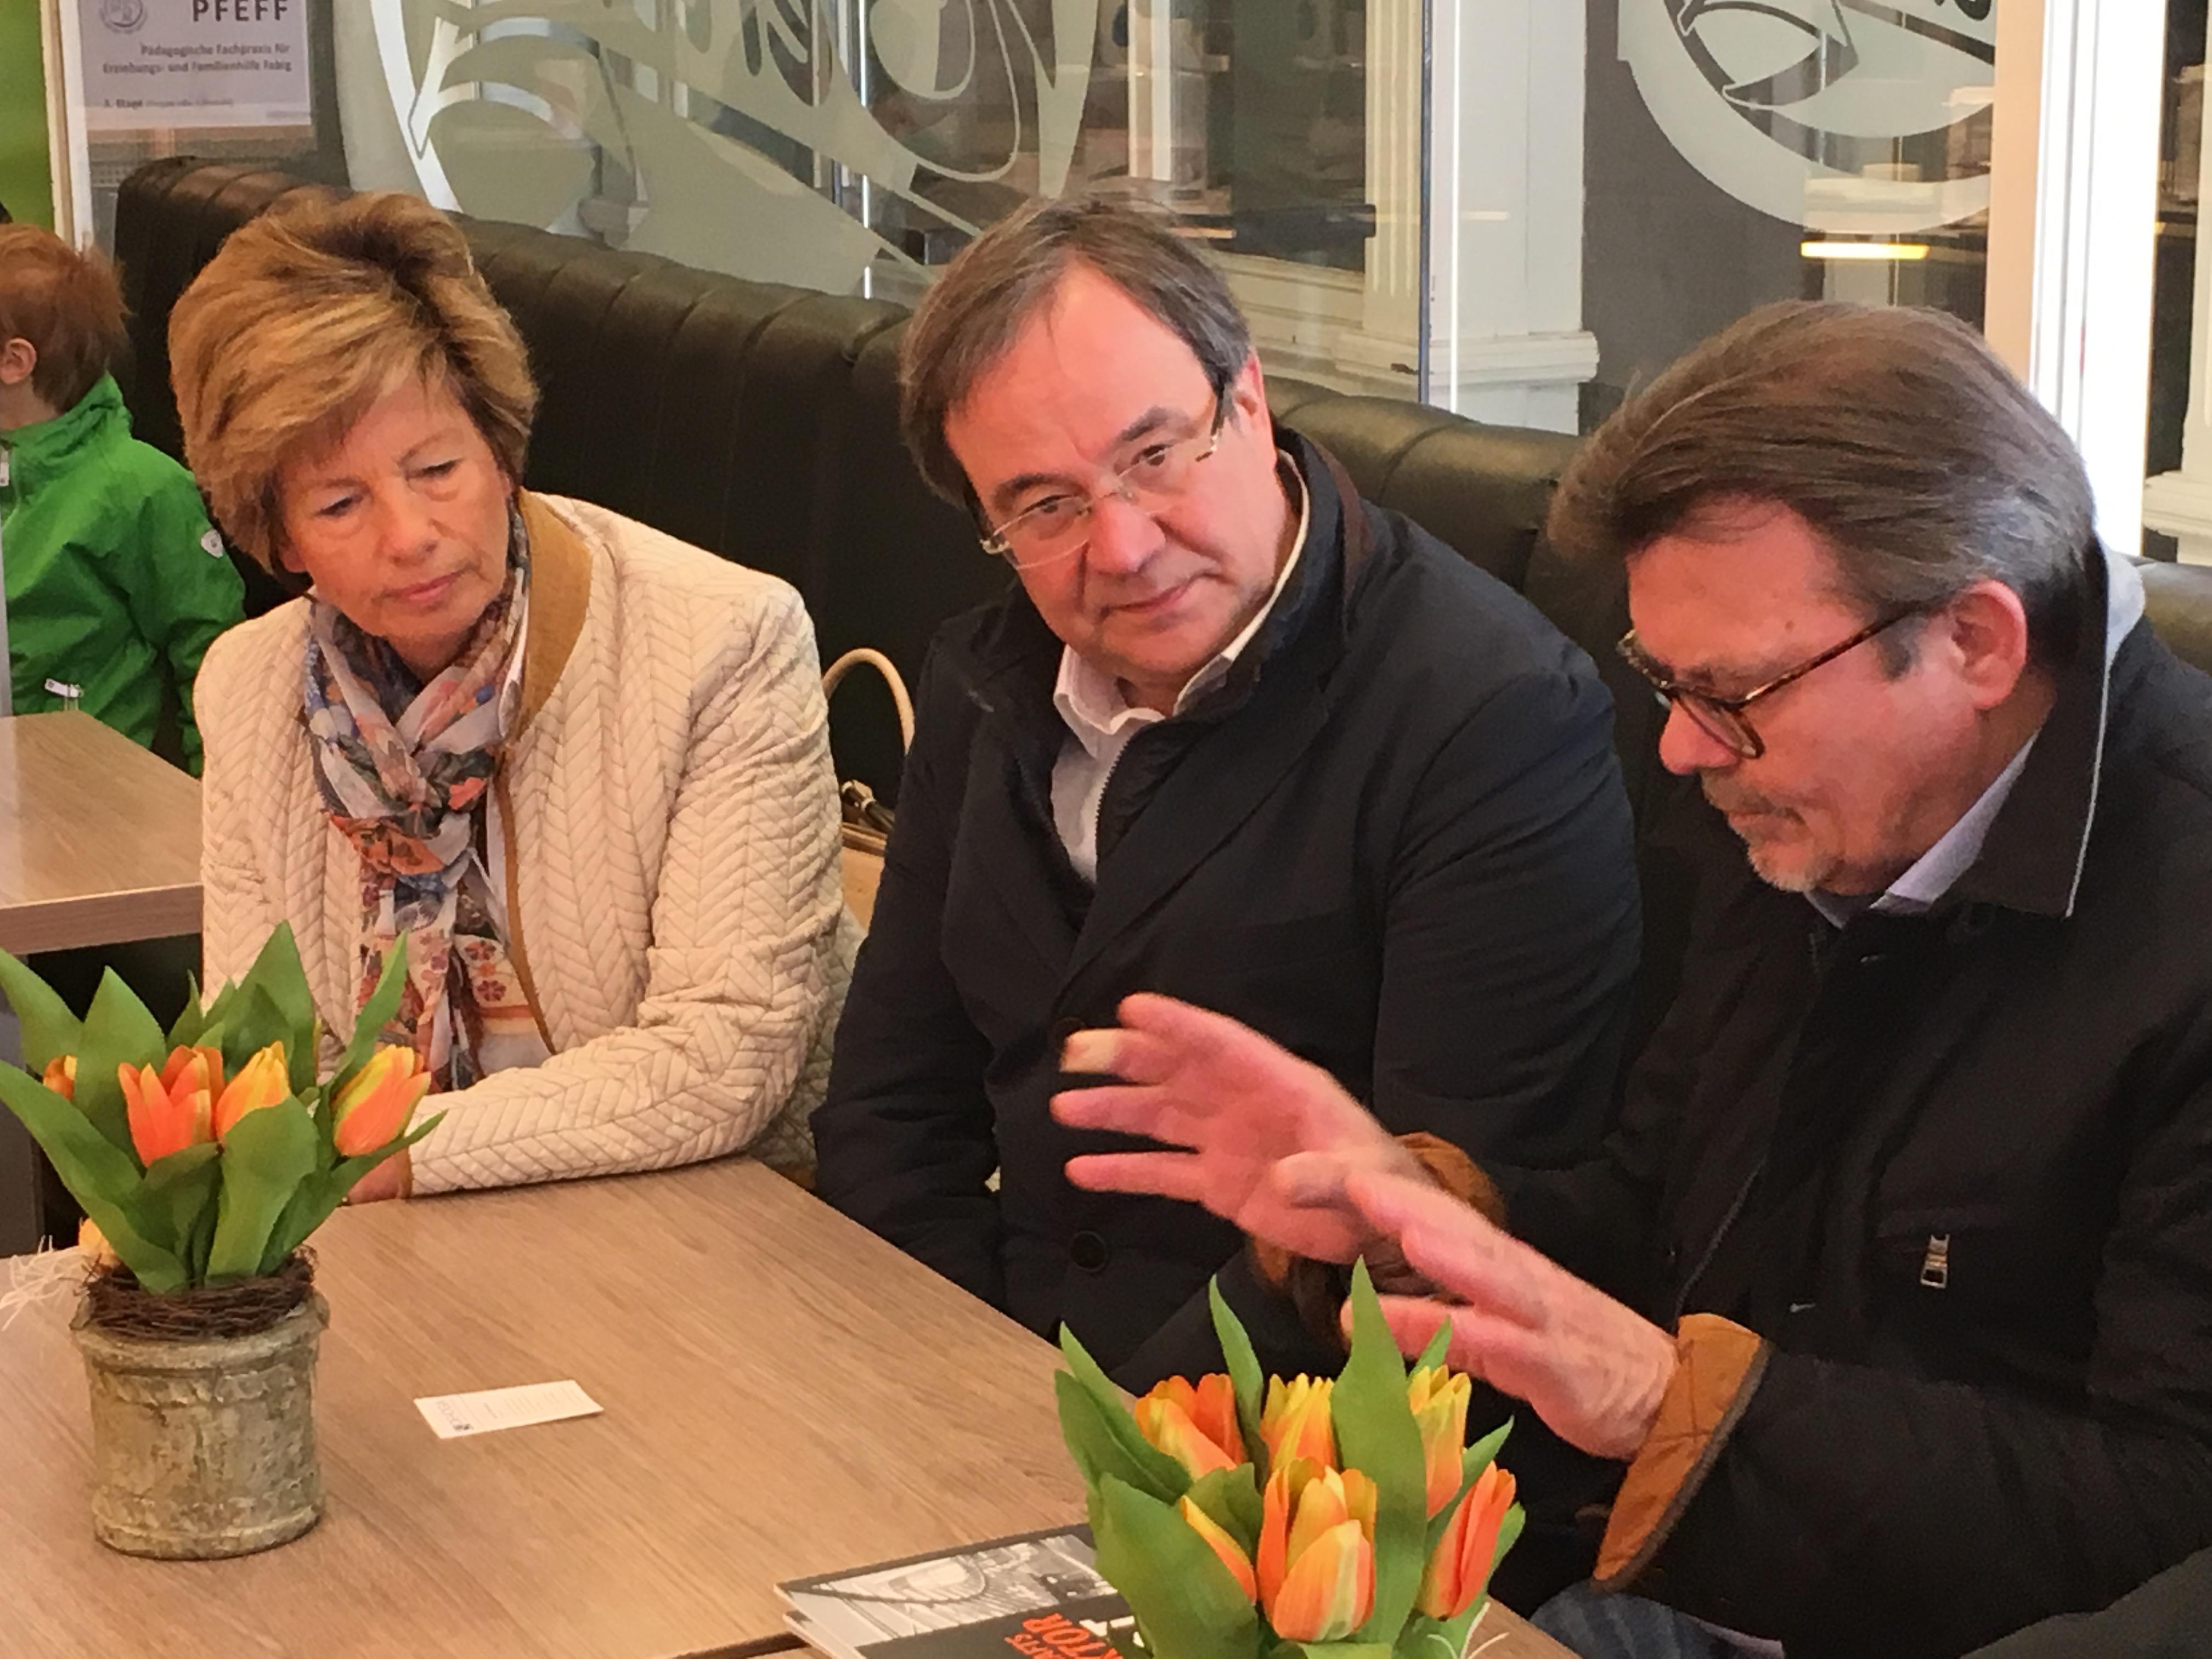 Kirstin Korte im Gespräch mit Armin Laschet und Bernd Niemeier